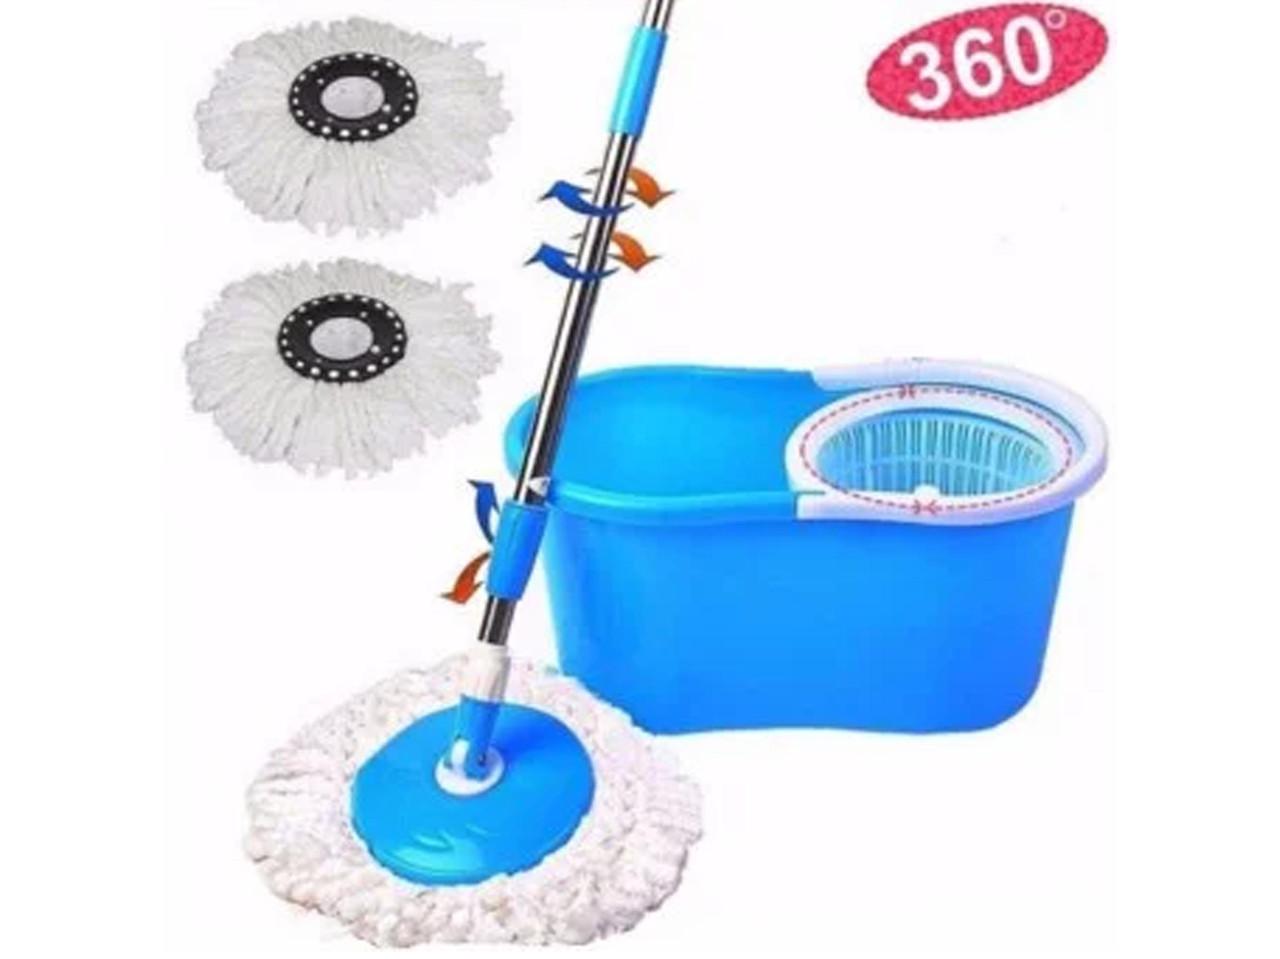 Набор для уборки ведро и швабра с отжимом Spin mop